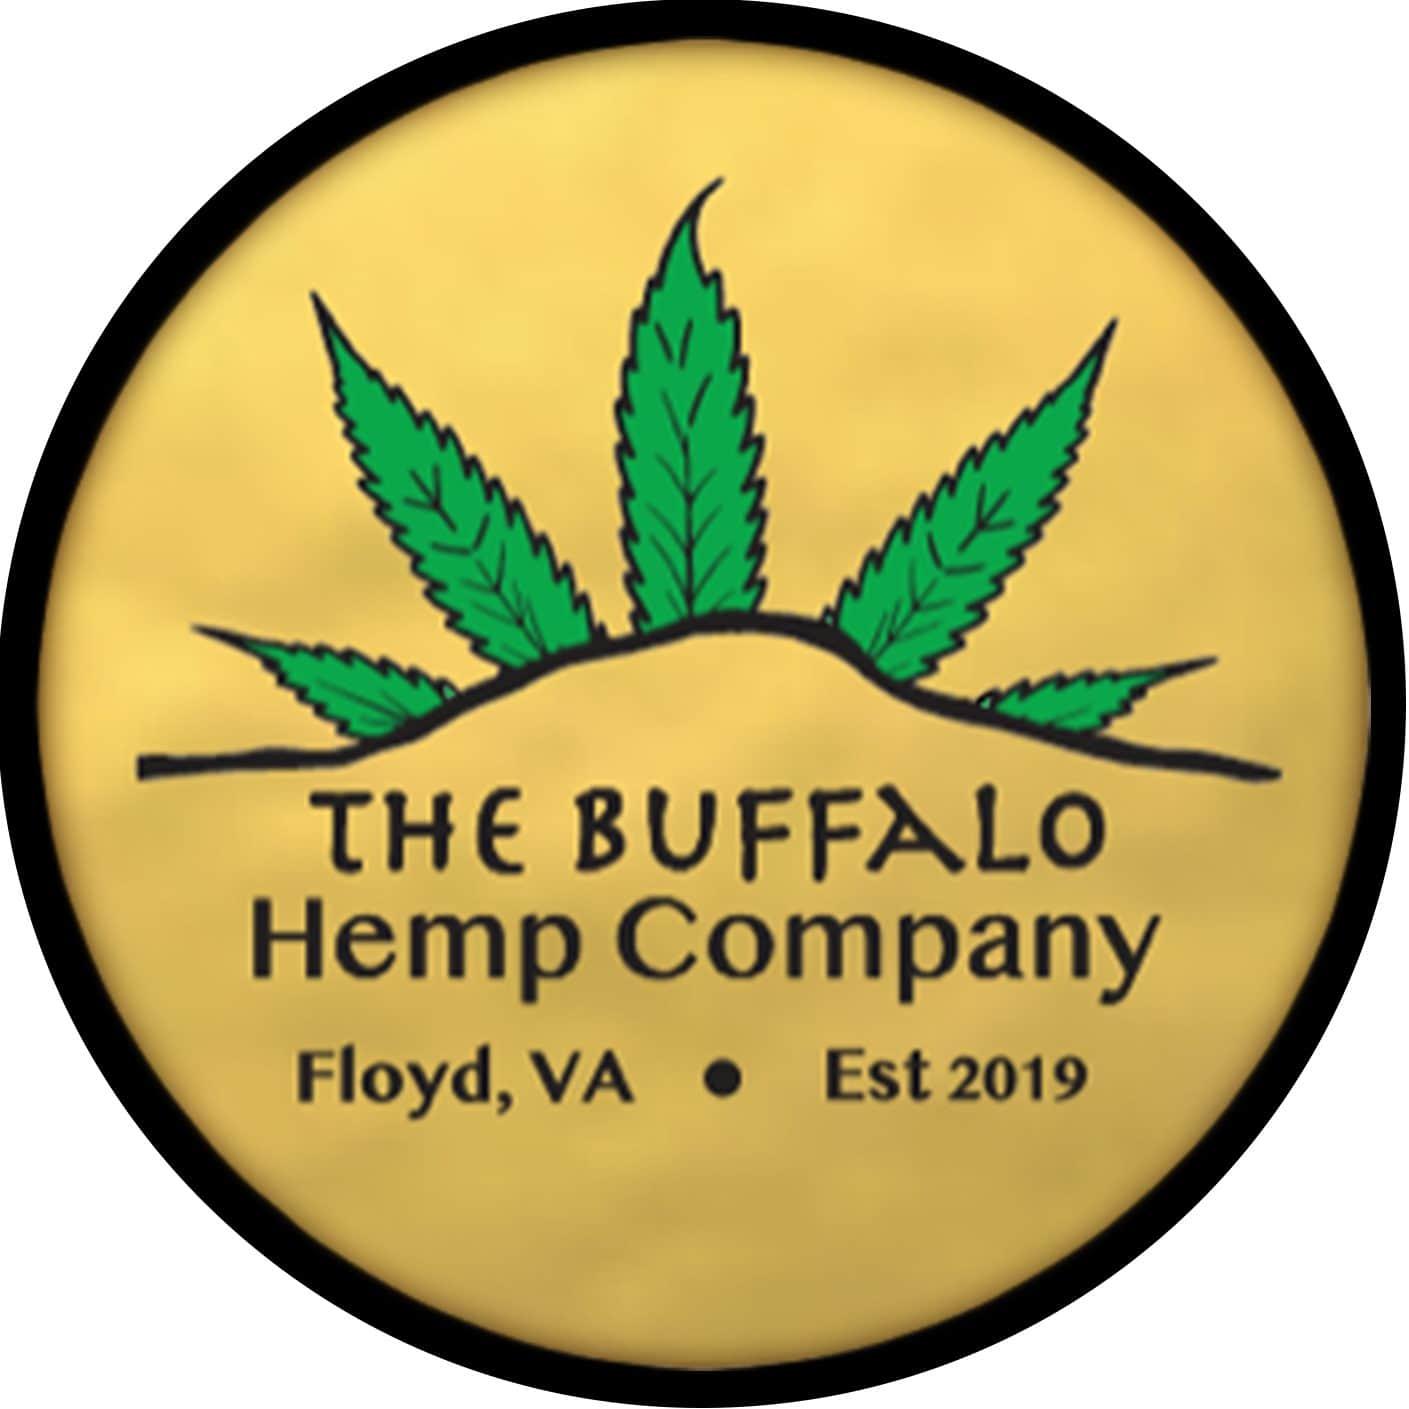 The Buffalo Hemp Company CBD Oil Roanoke VA Yoanoke.com